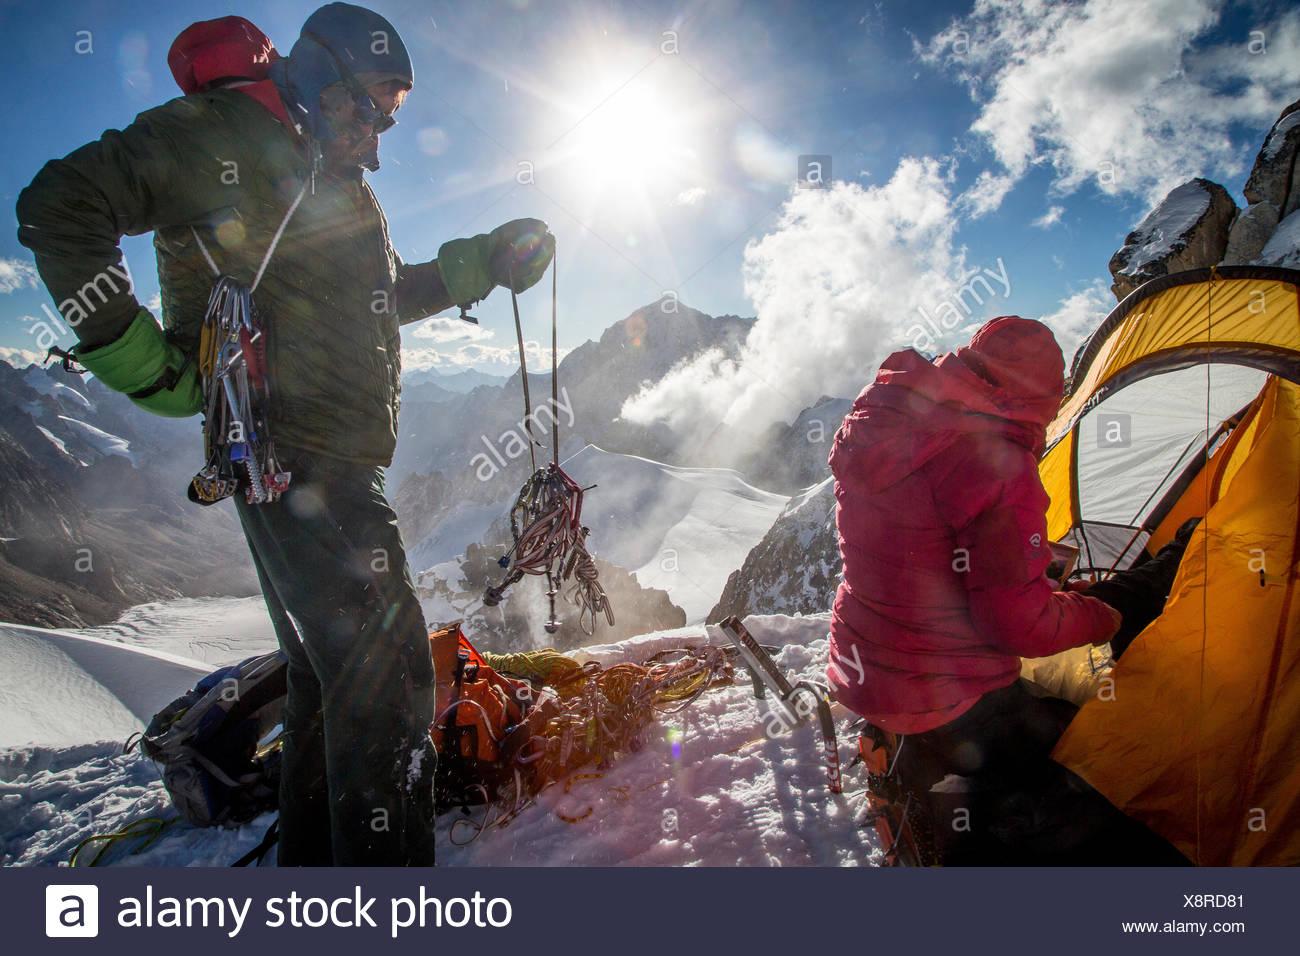 Les alpinistes vérifier leurs engins lors d'une expédition au sommet mondial Hkakabo Razi. Photo Stock